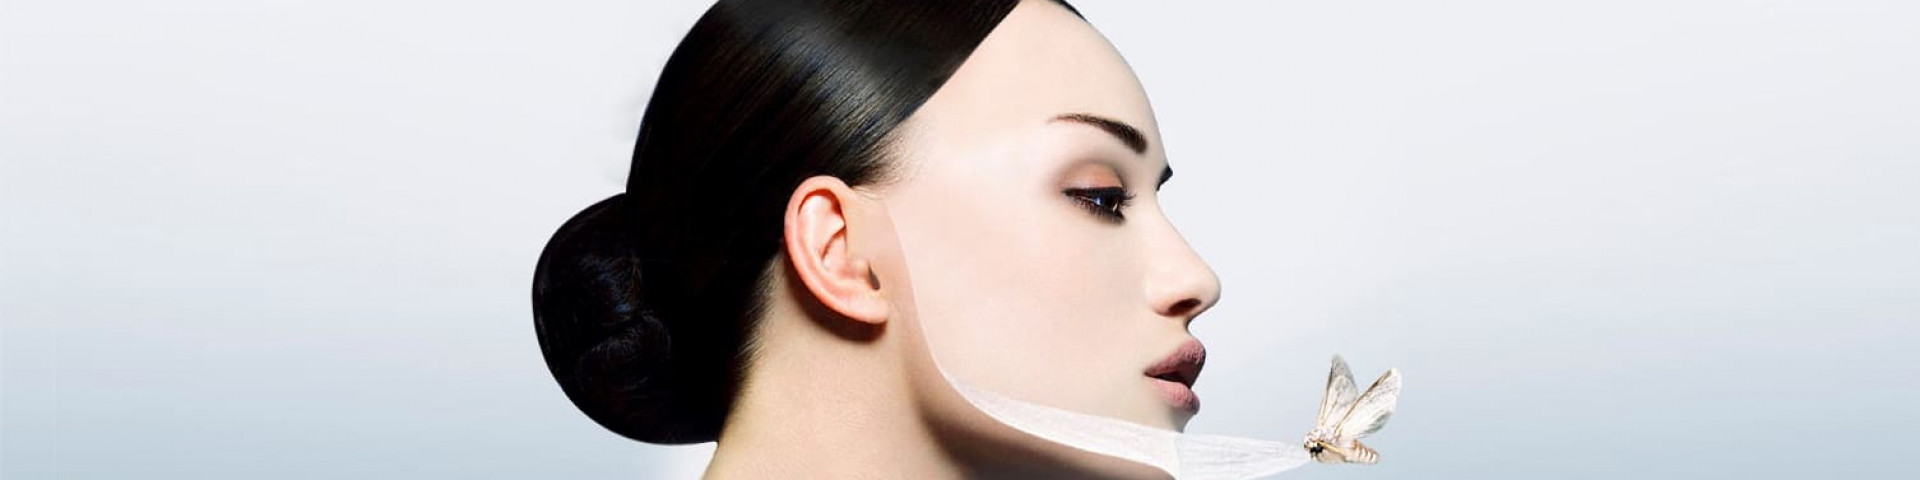 Сто проблем – один ответ: рейтинг лучших масок для жирной кожи лица 2021 года